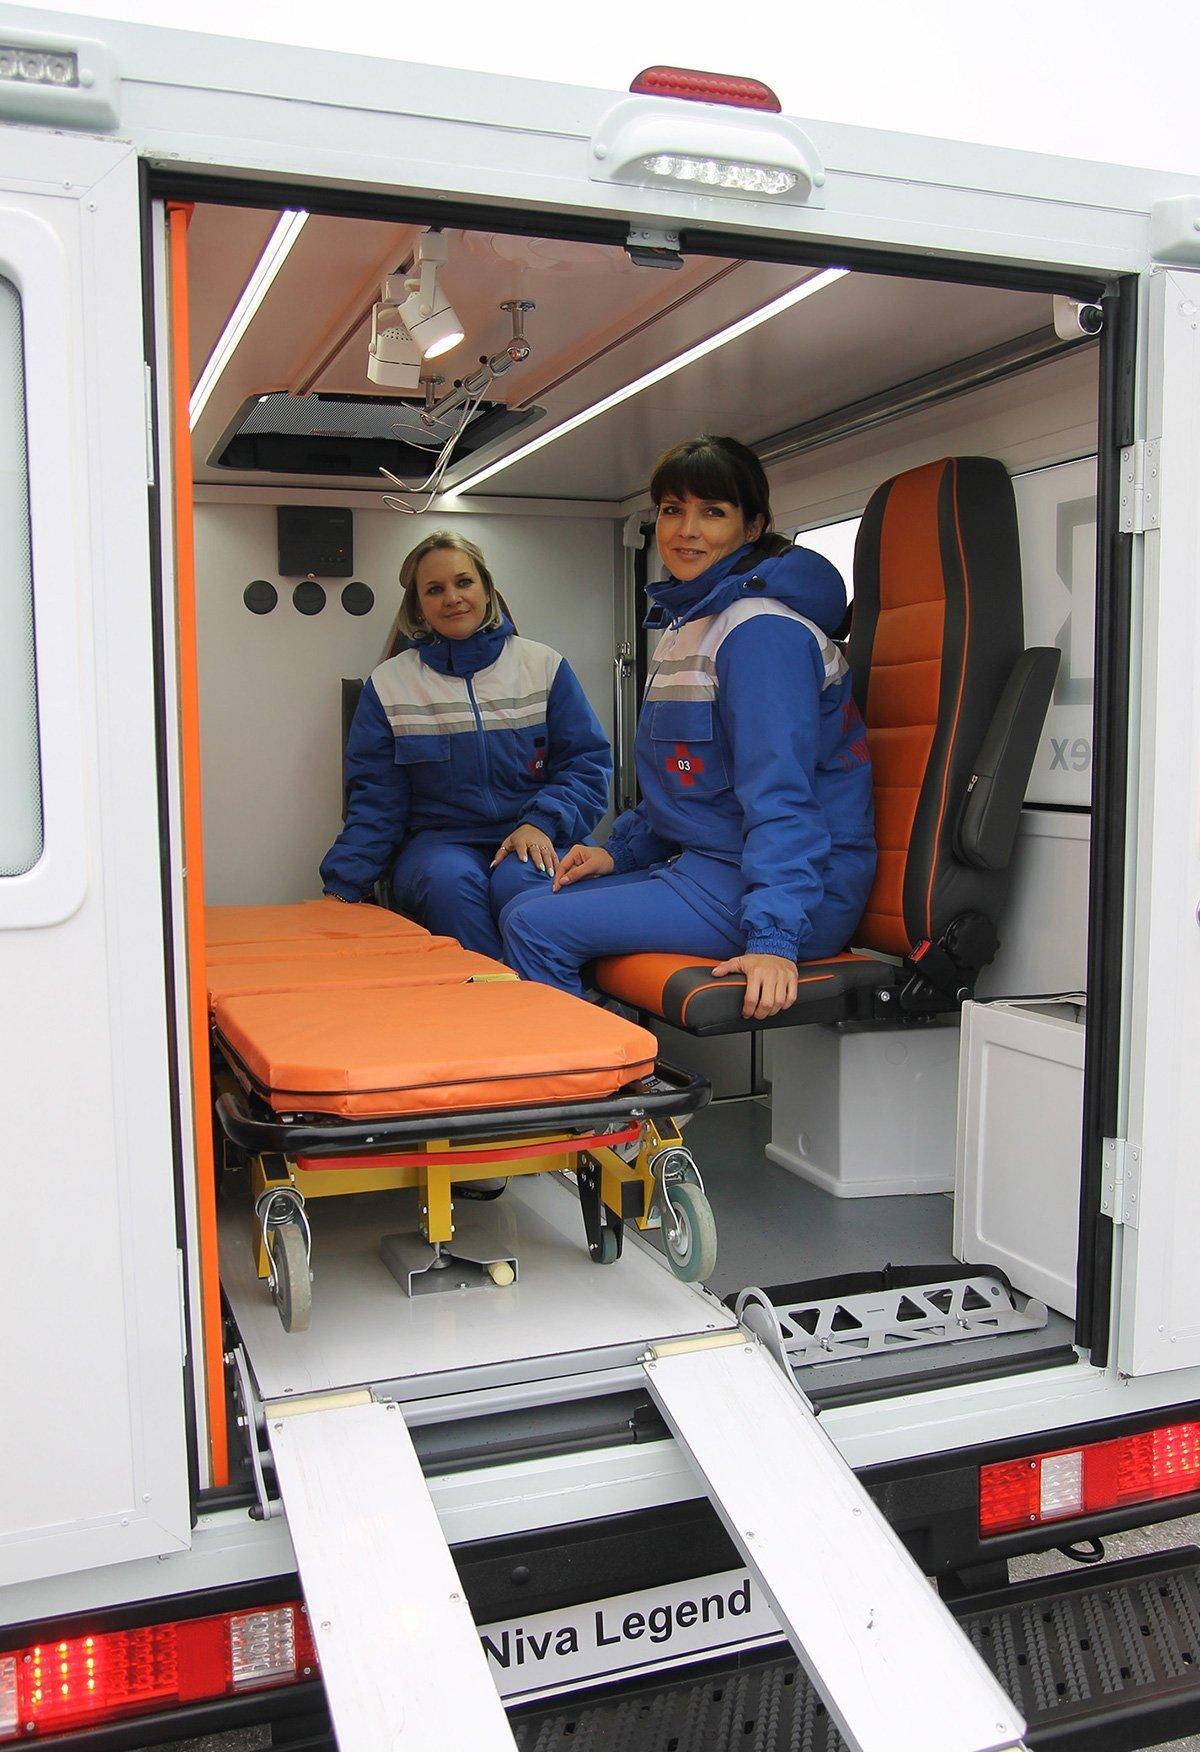 В России появился новый завод: какие машины выпускает «Швабе-СпецАвто» из Нижнего Новгорода